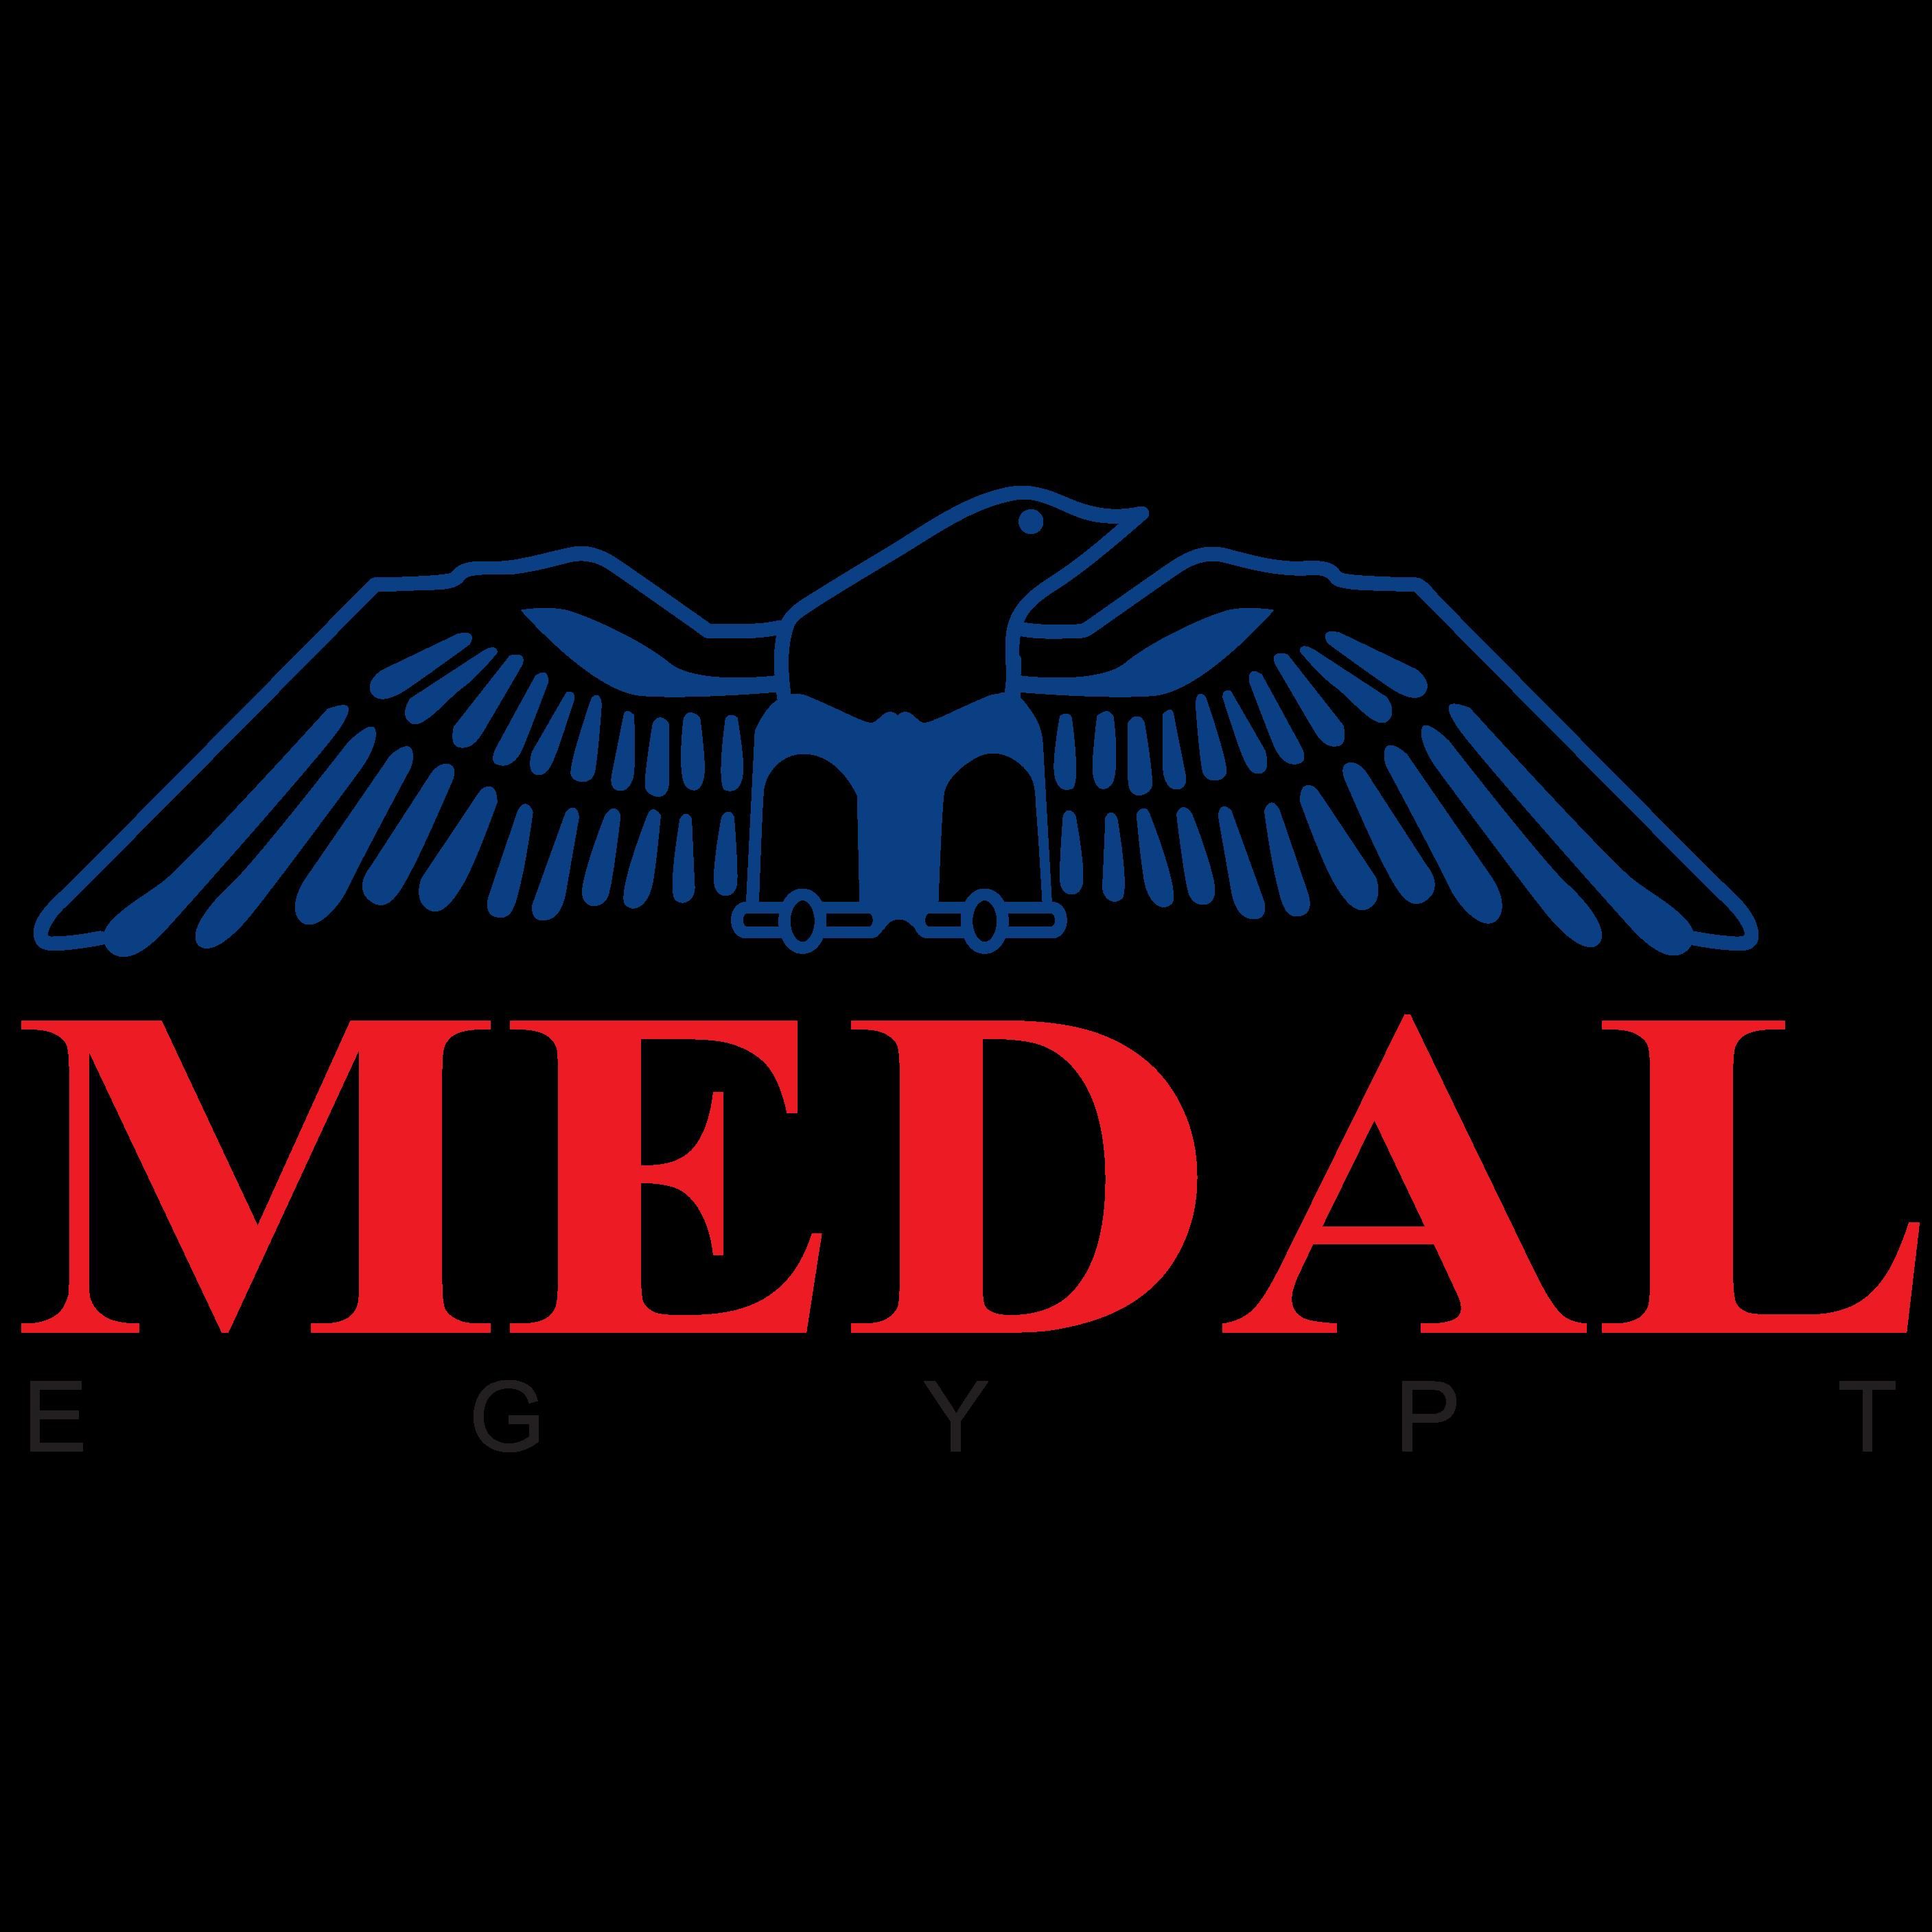 Medal Egypt